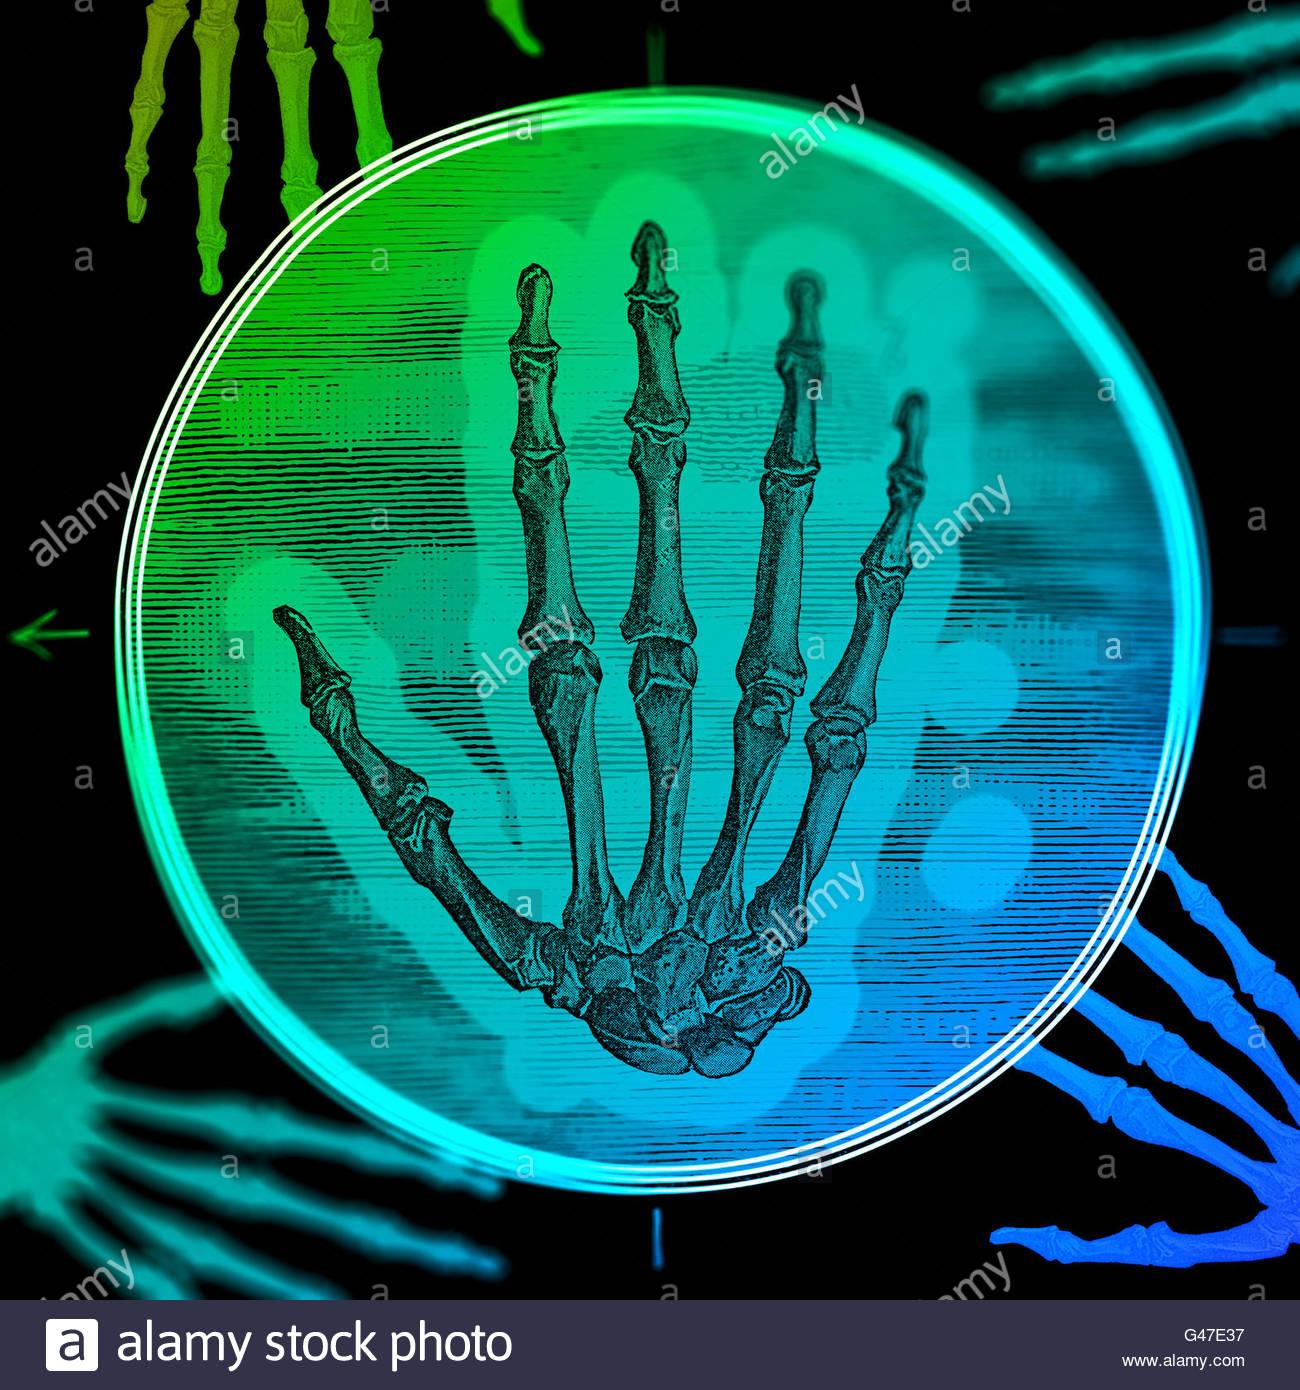 Diagrama médico retro ilustración de manos del esqueleto humano ...